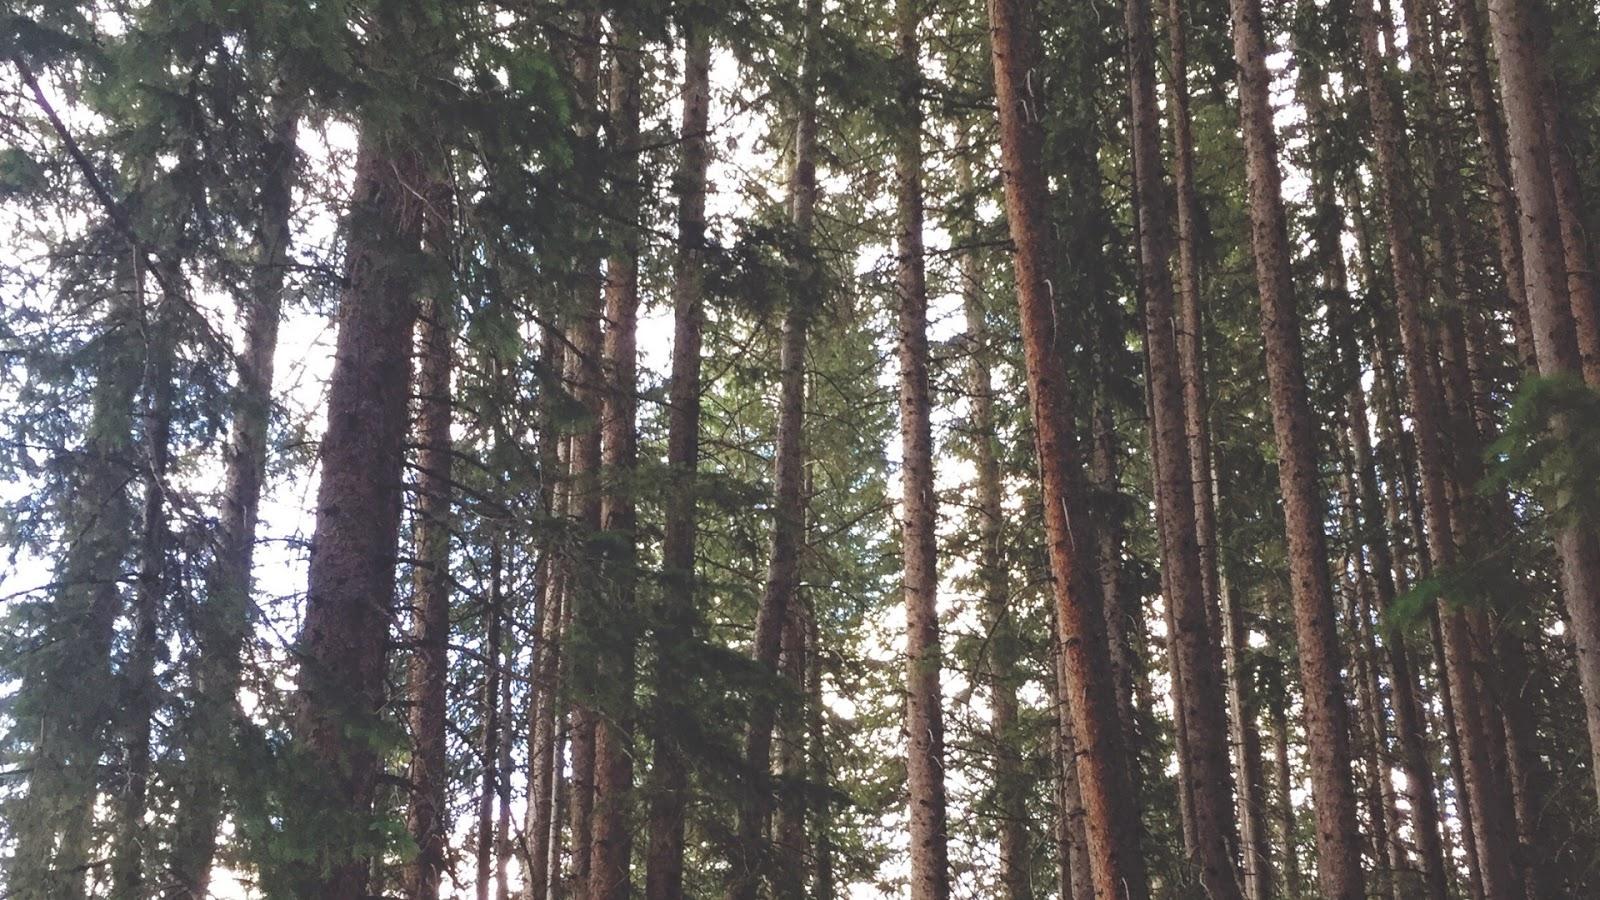 Forest Desktop Wallpaper Downloads // www.thejoyblog.net